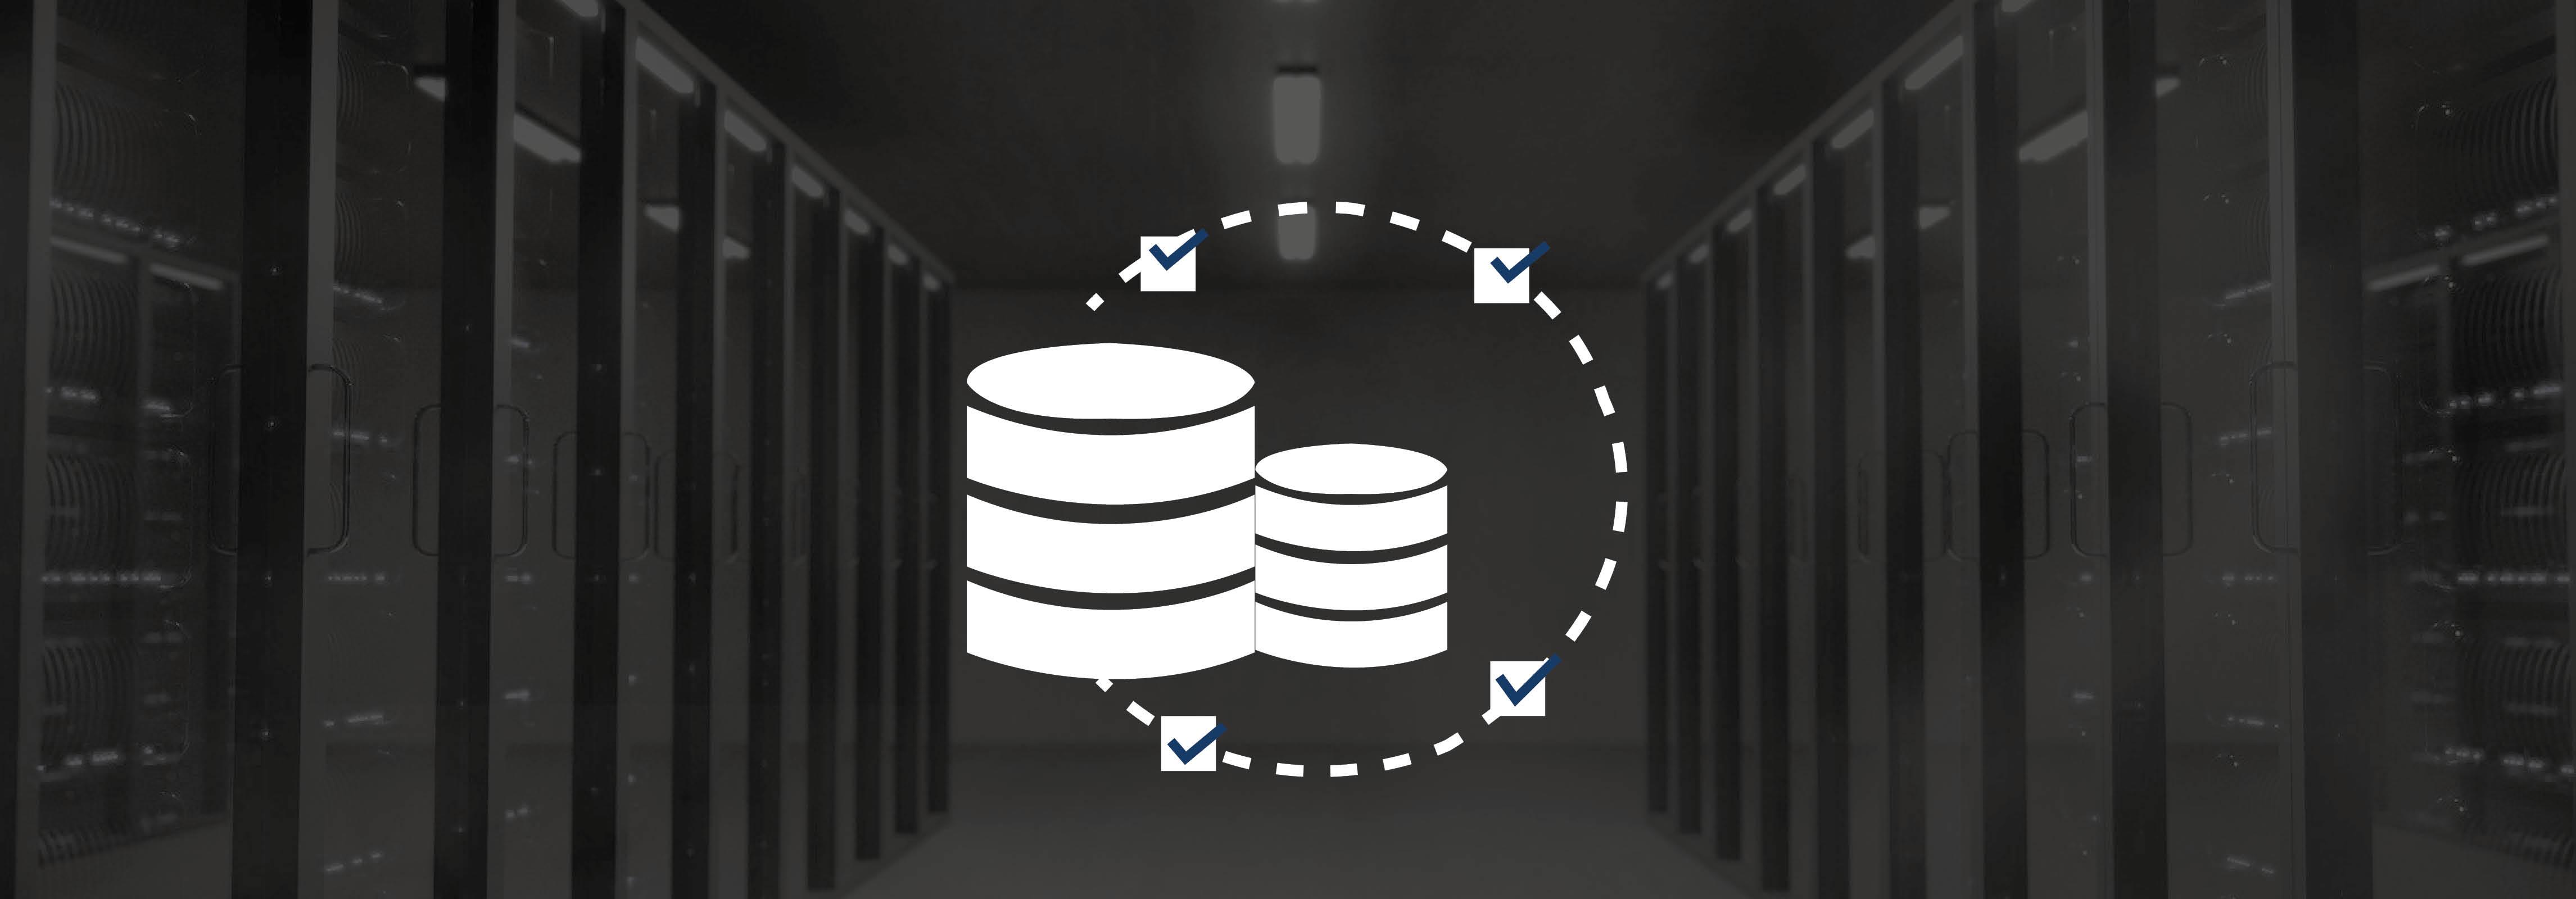 Serverraum mit Icon einer Systemkopie im Vordergrund